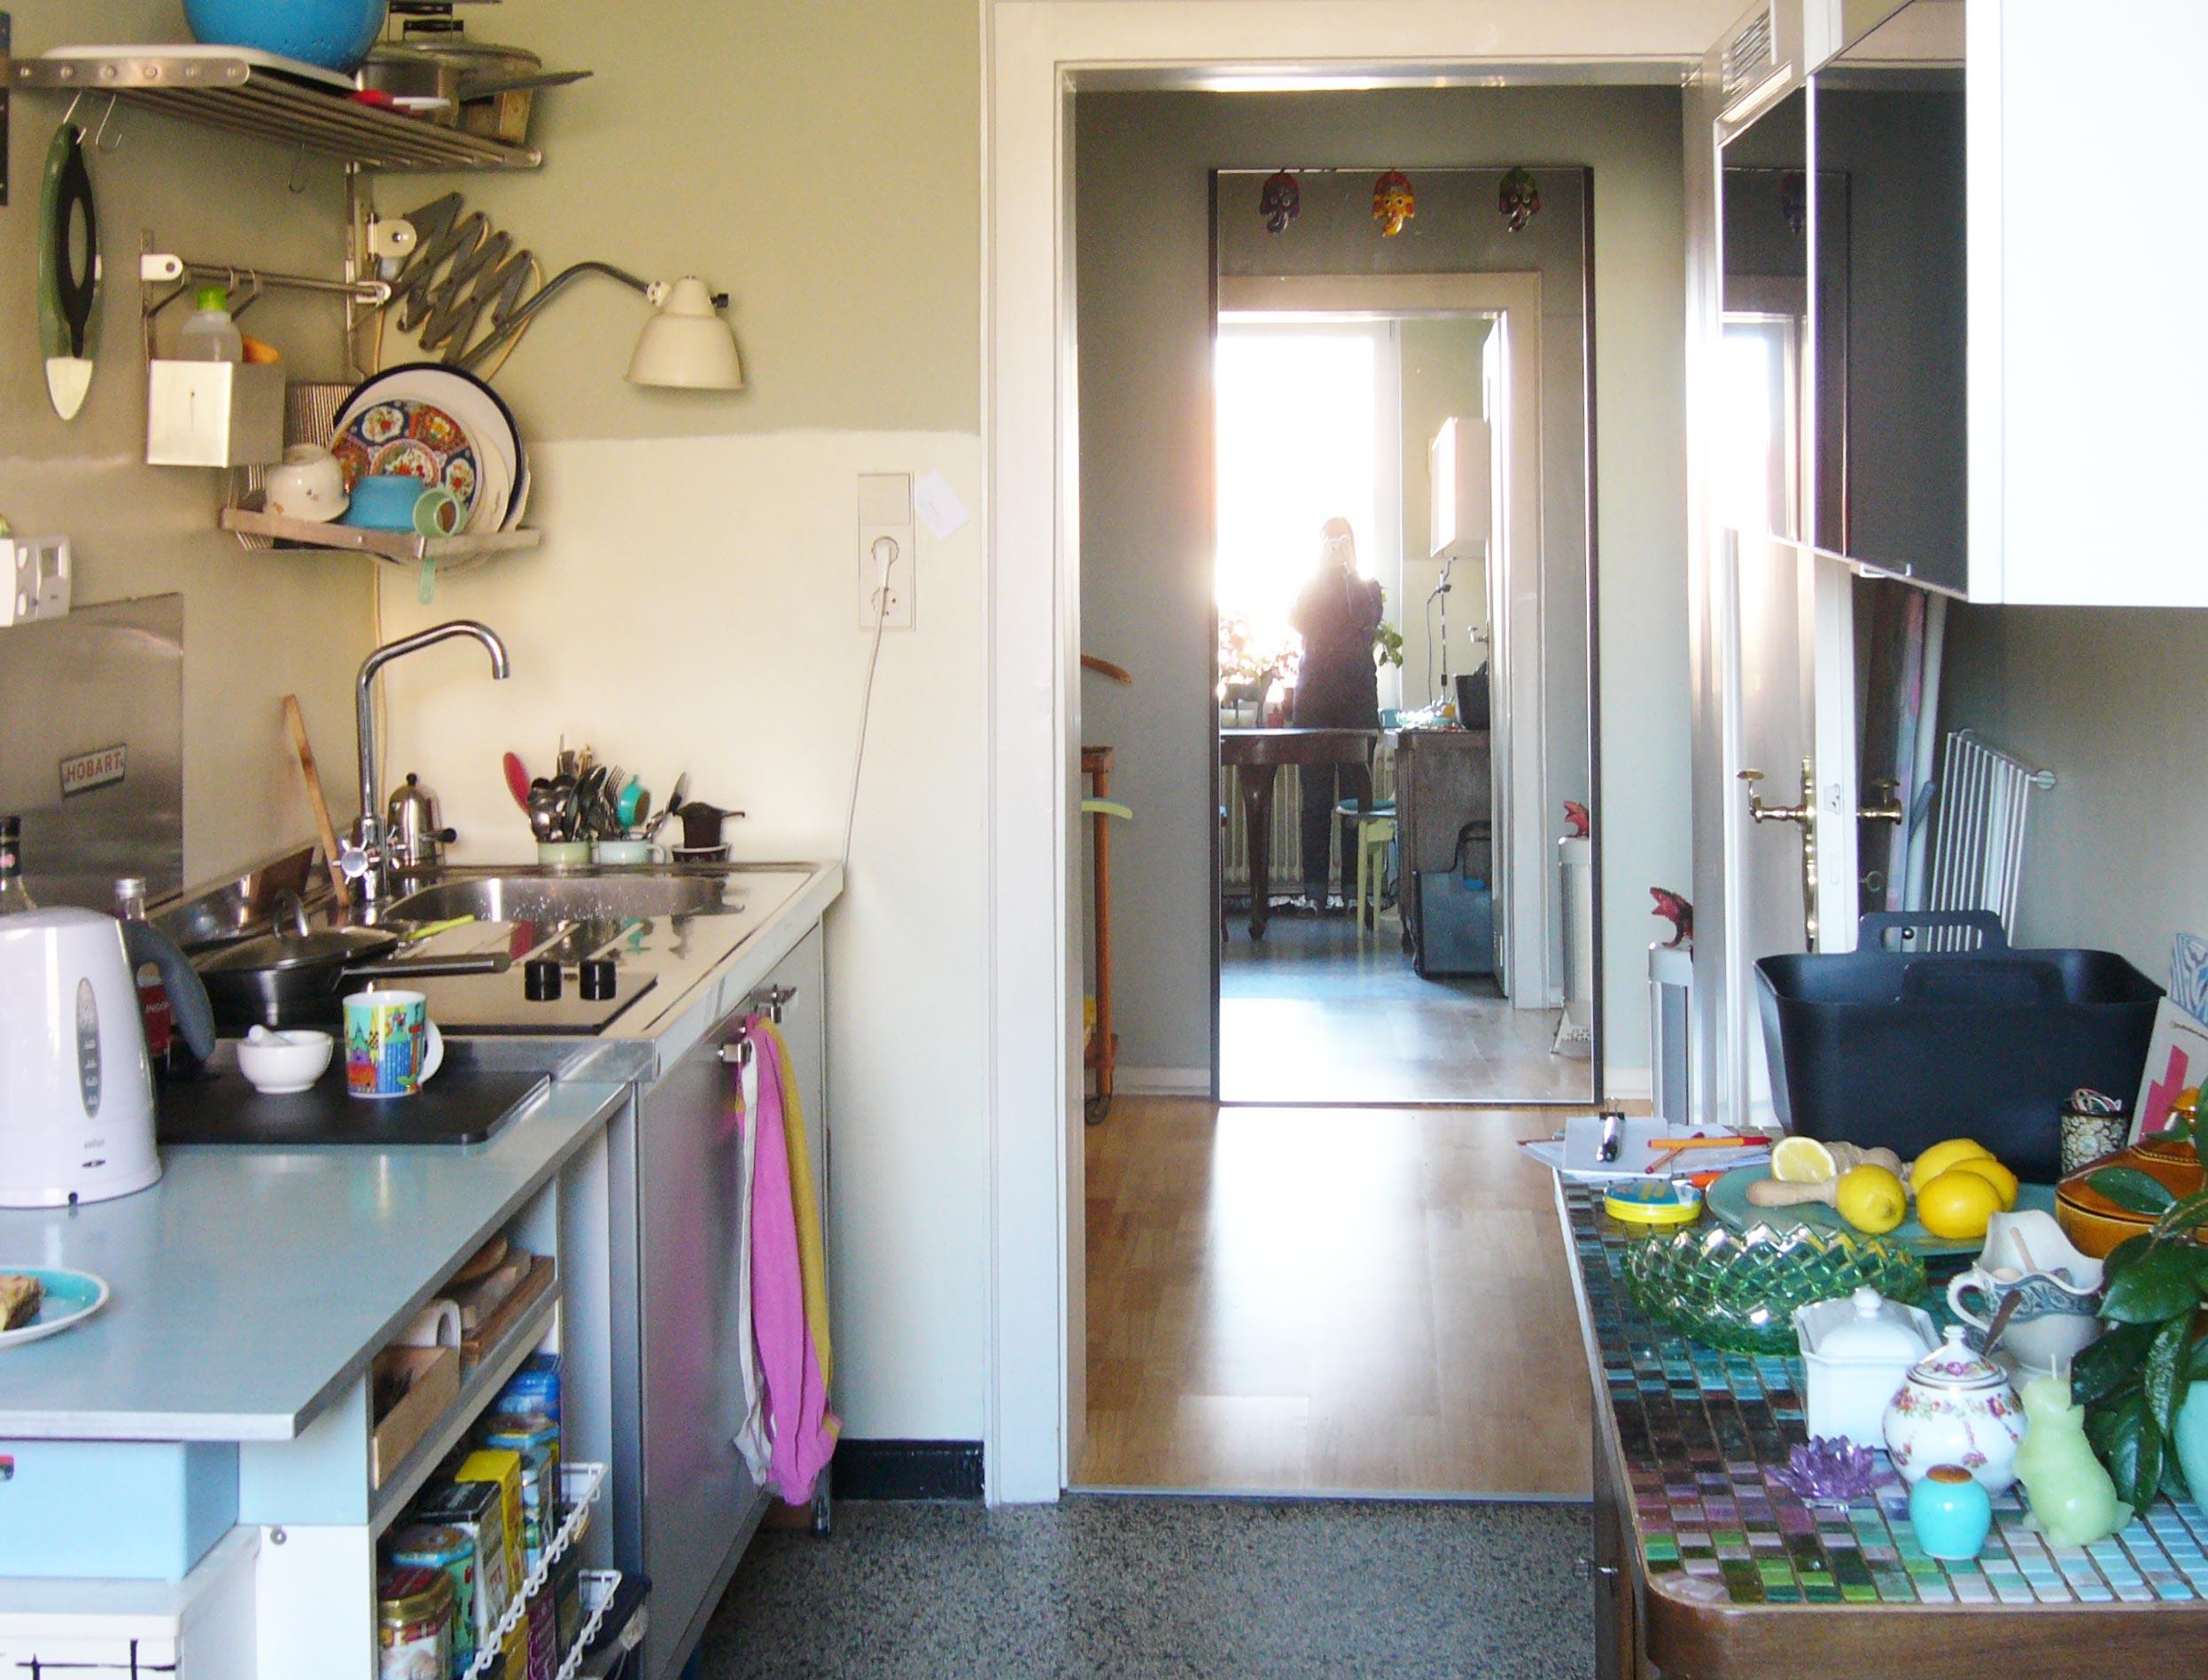 Küchenzeile und ein Spiegel in dem sich die Küche spiegelt